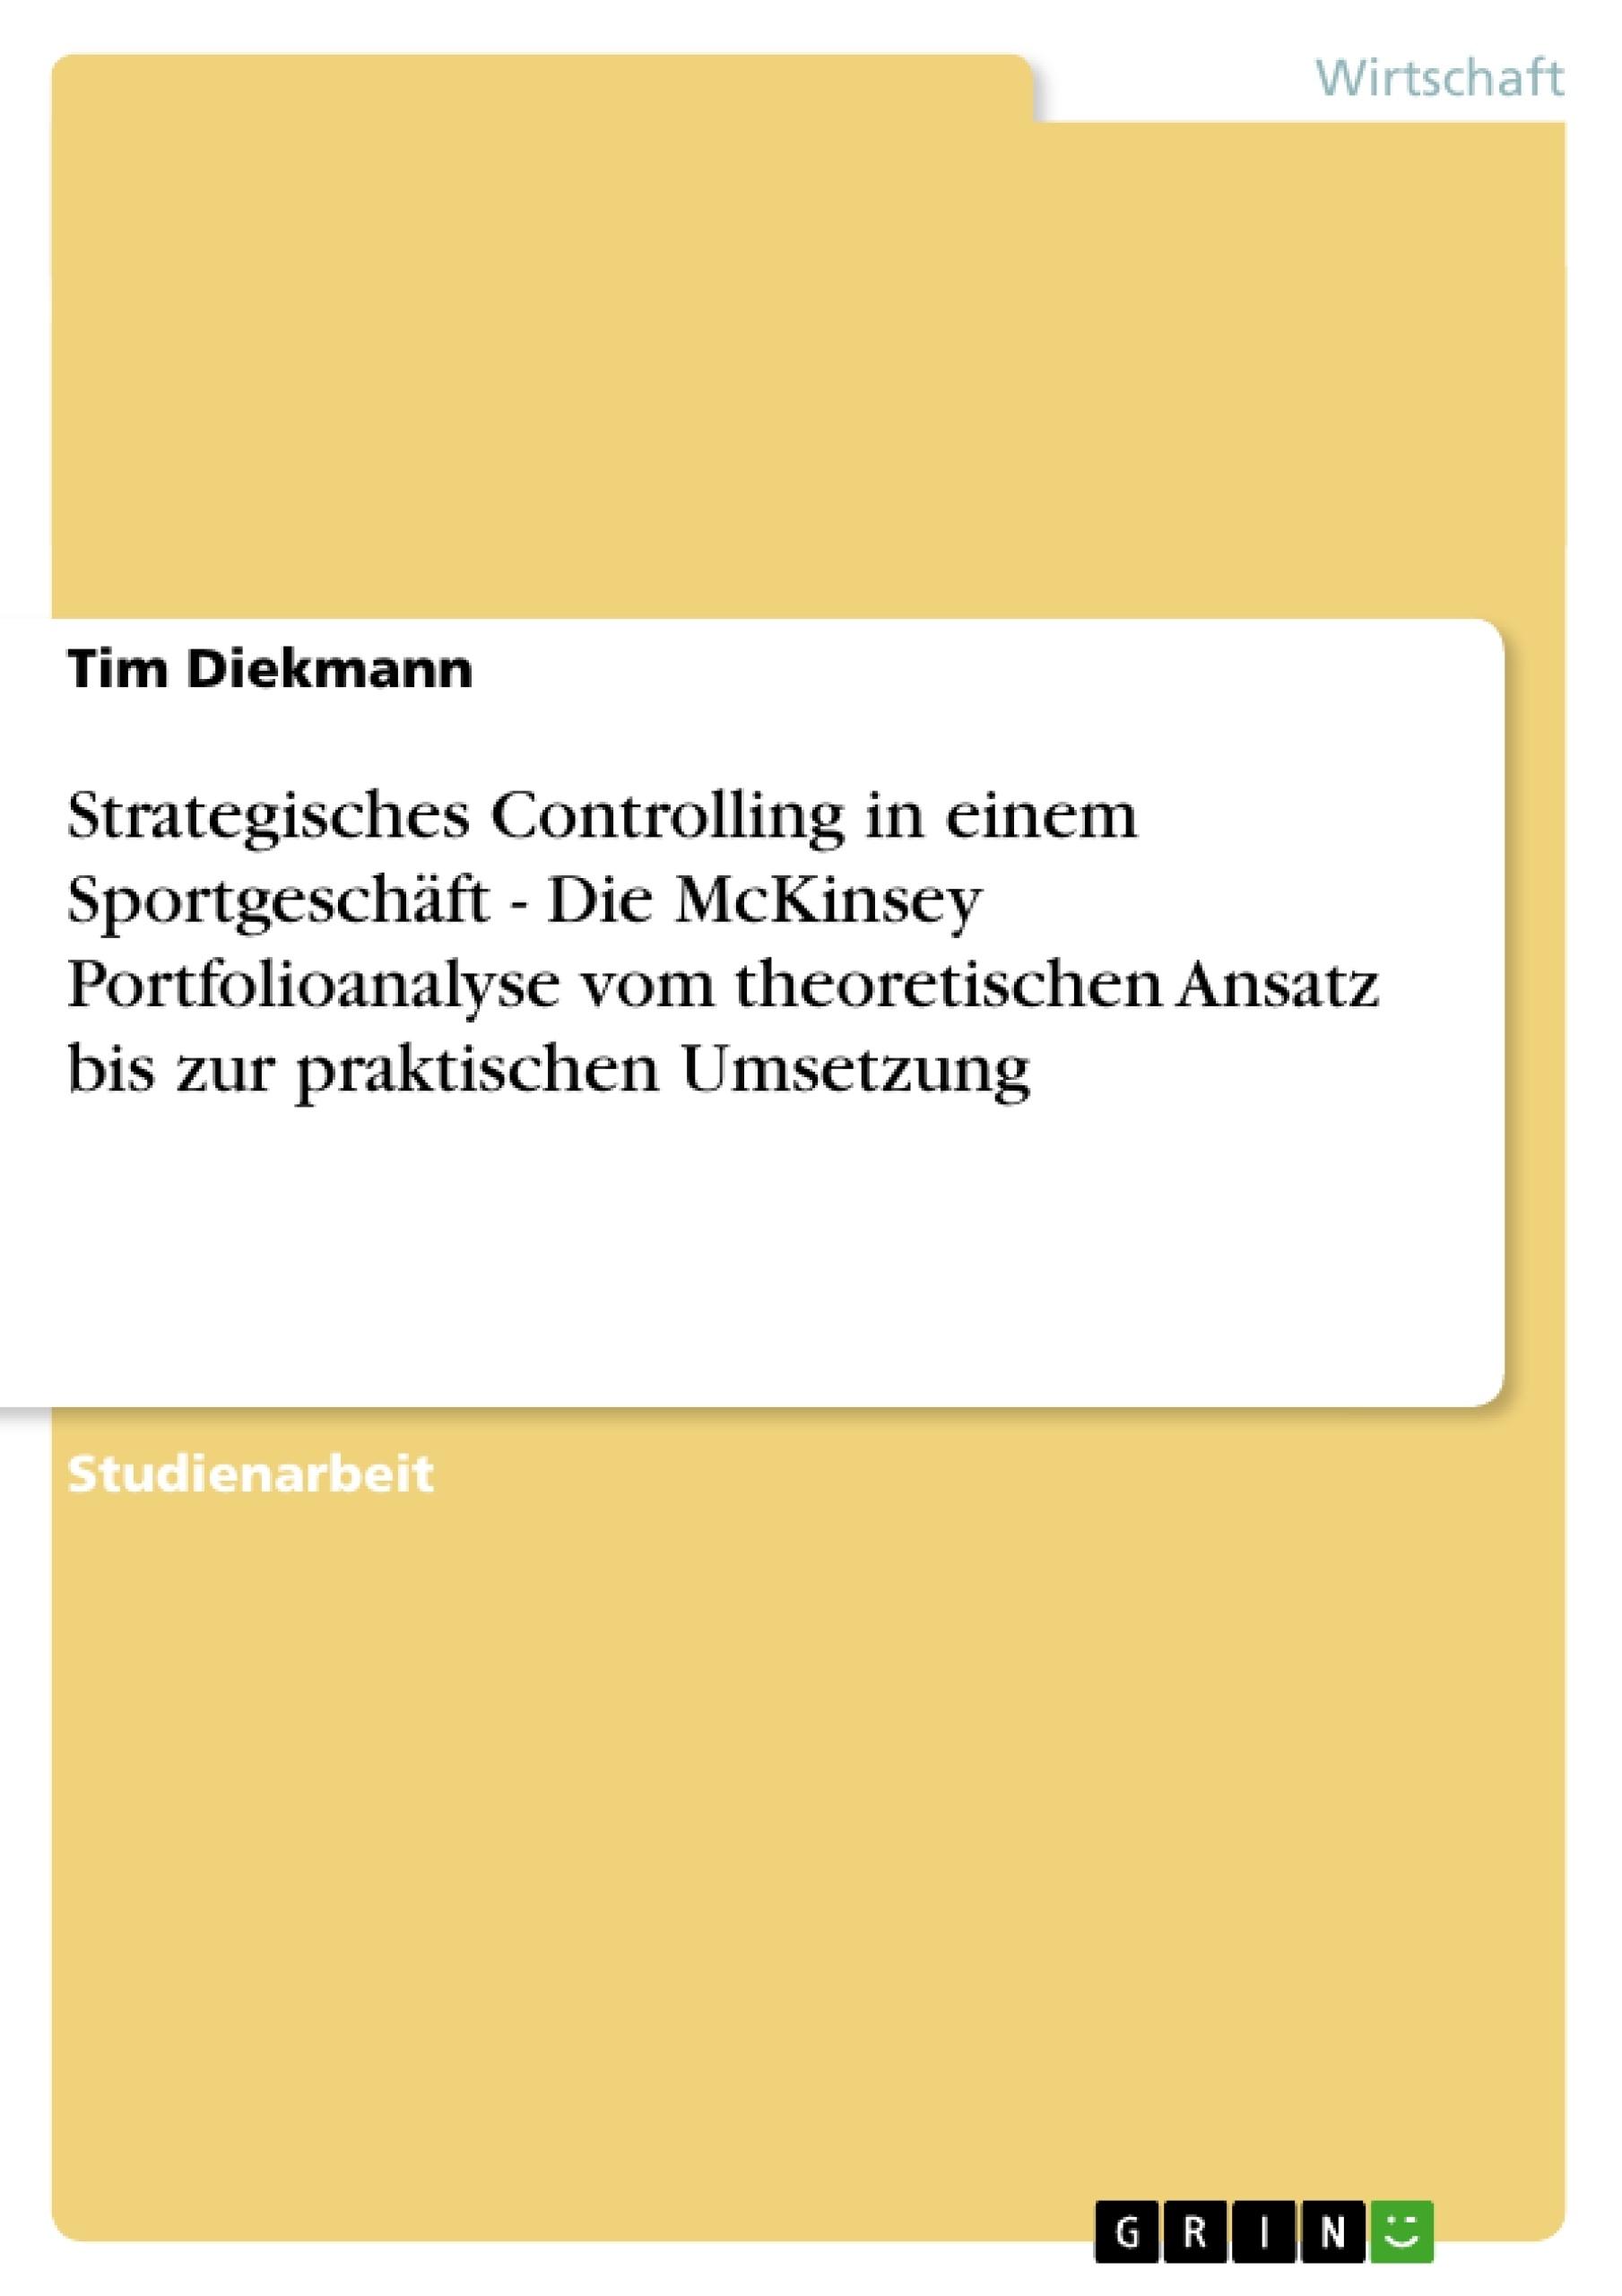 Titel: Strategisches Controlling in einem Sportgeschäft - Die McKinsey Portfolioanalyse vom theoretischen Ansatz bis zur praktischen Umsetzung